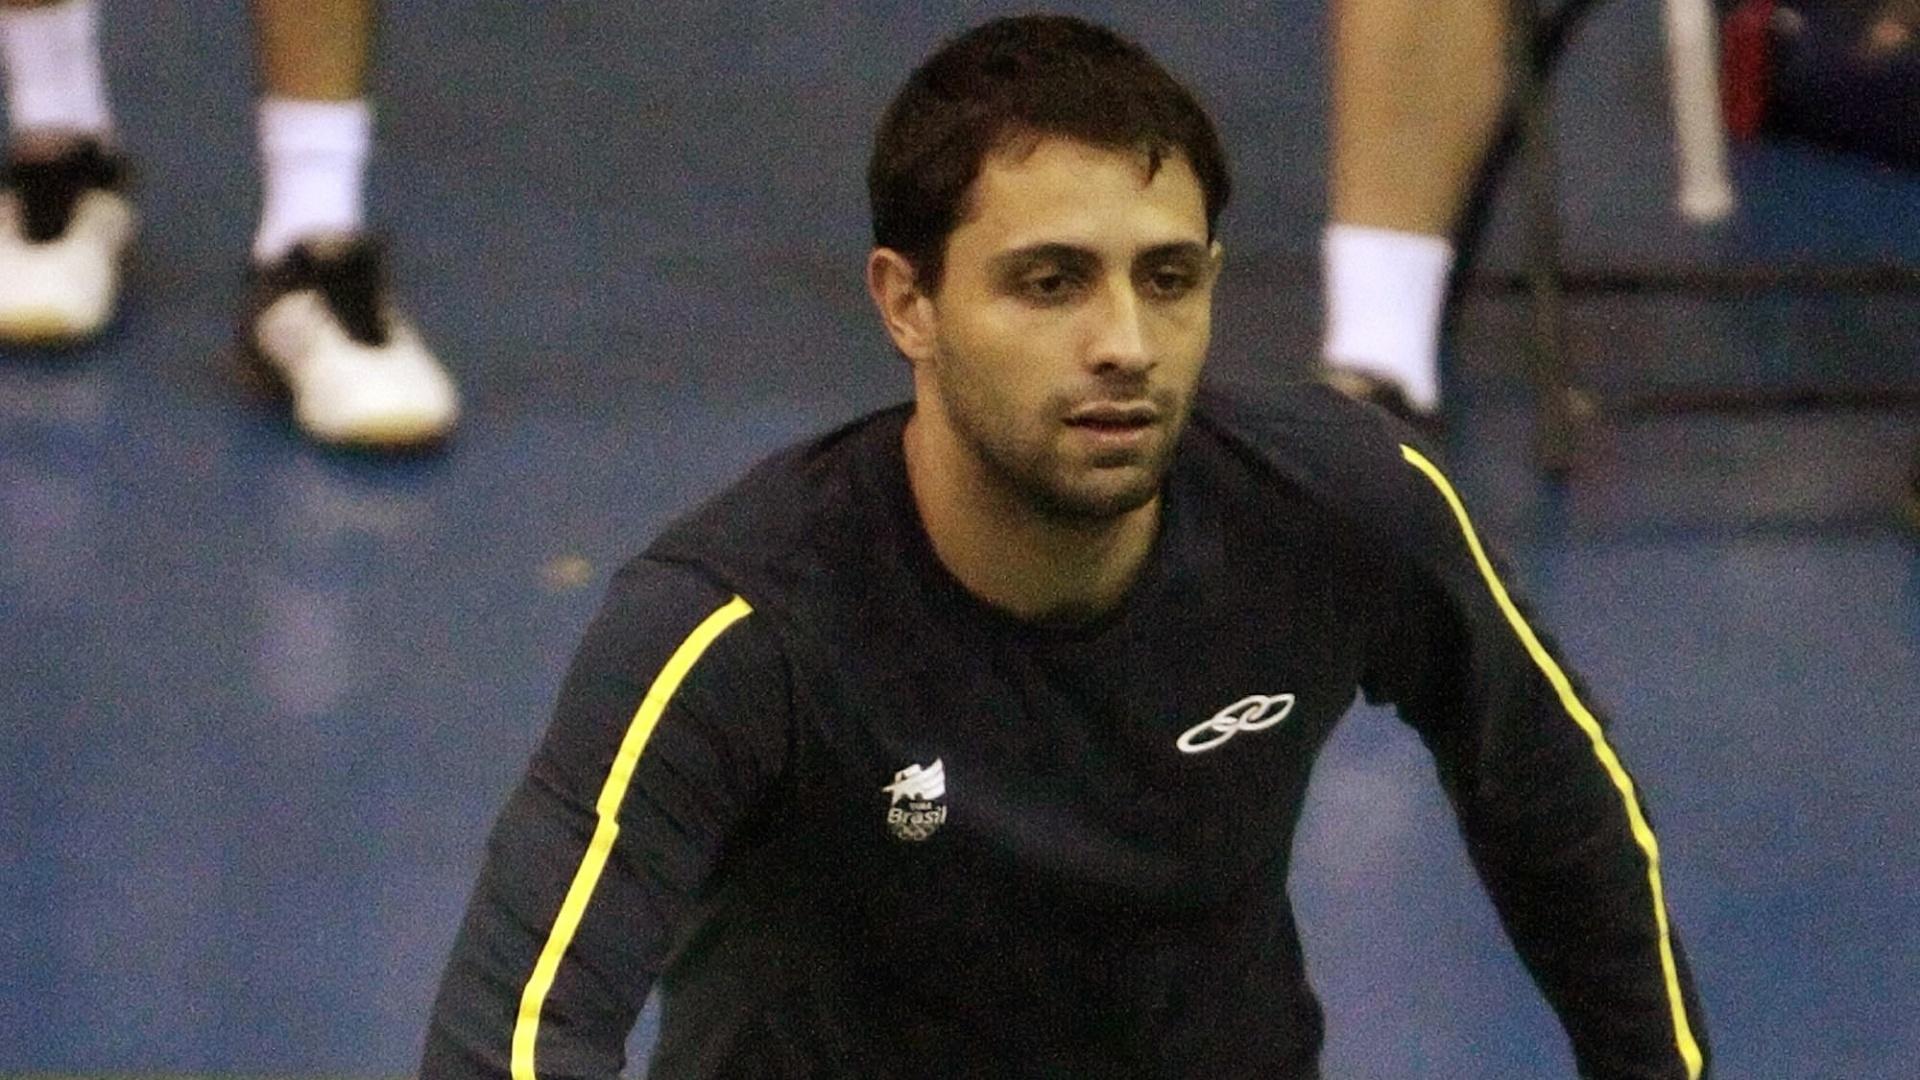 Hugo Arthuso treina com a equipe brasileira de badminton, na Unidad Deportiva Revolución, em Guadalajara